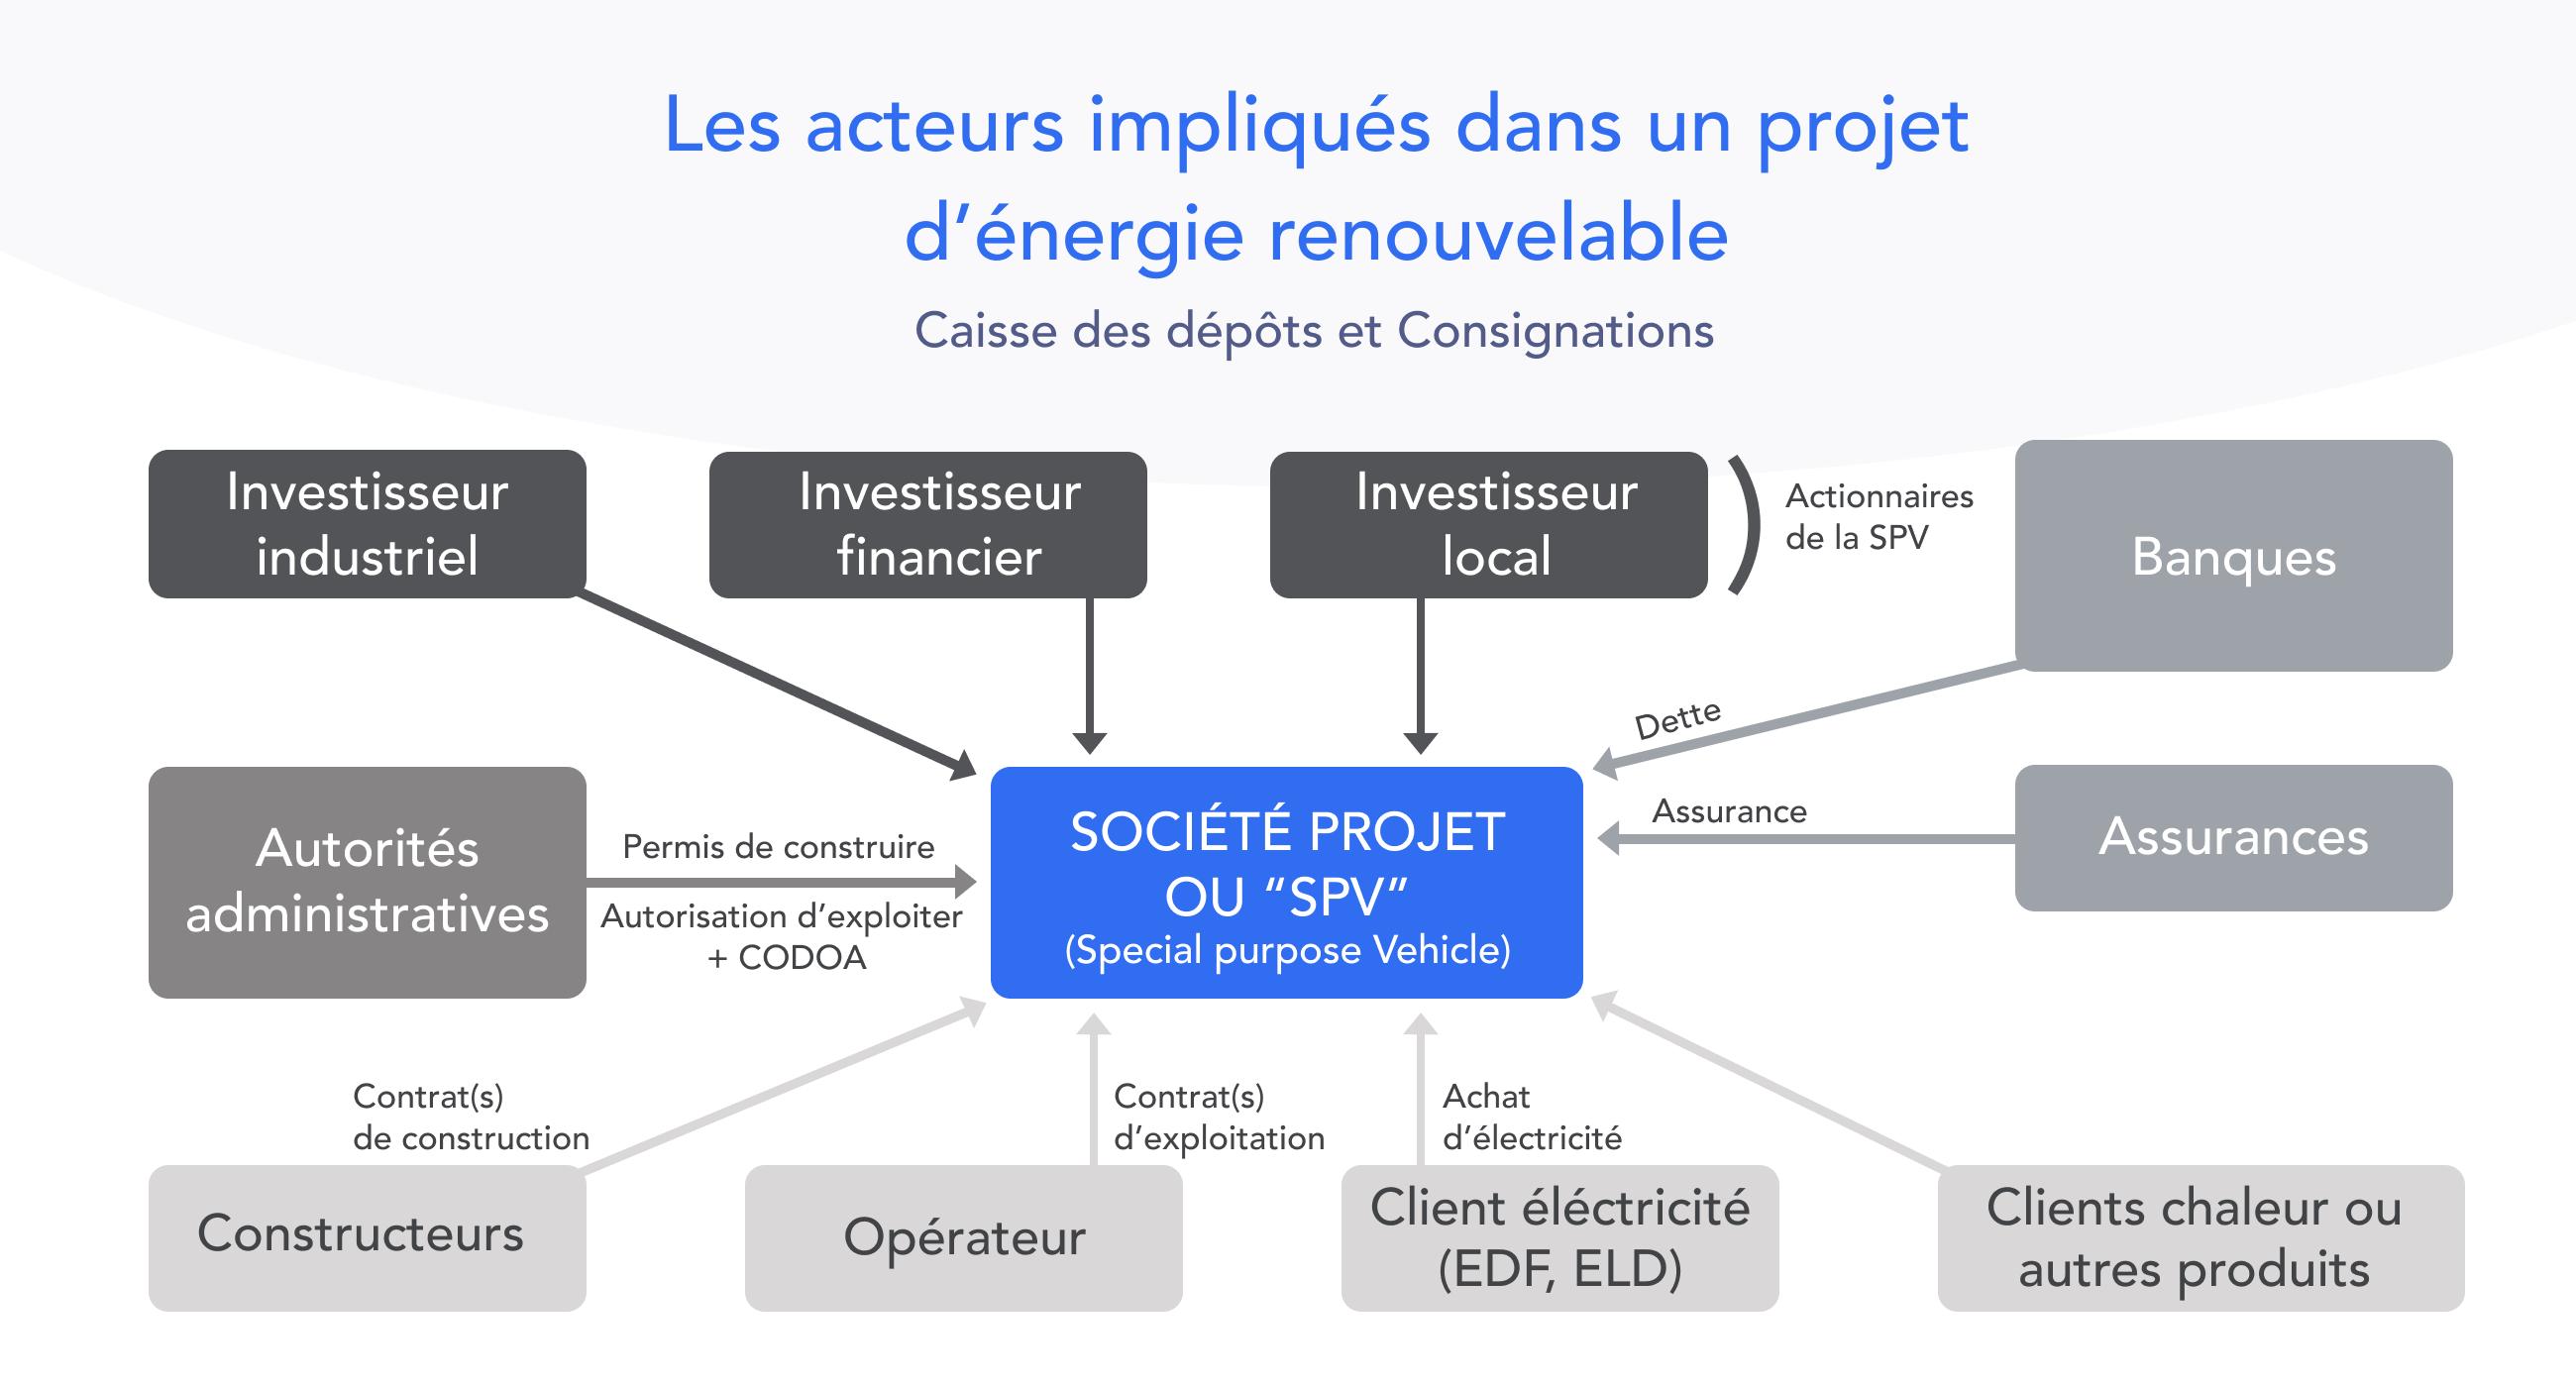 Schéma Les acteurs impliqués dans un projet d'énergie renouvelable